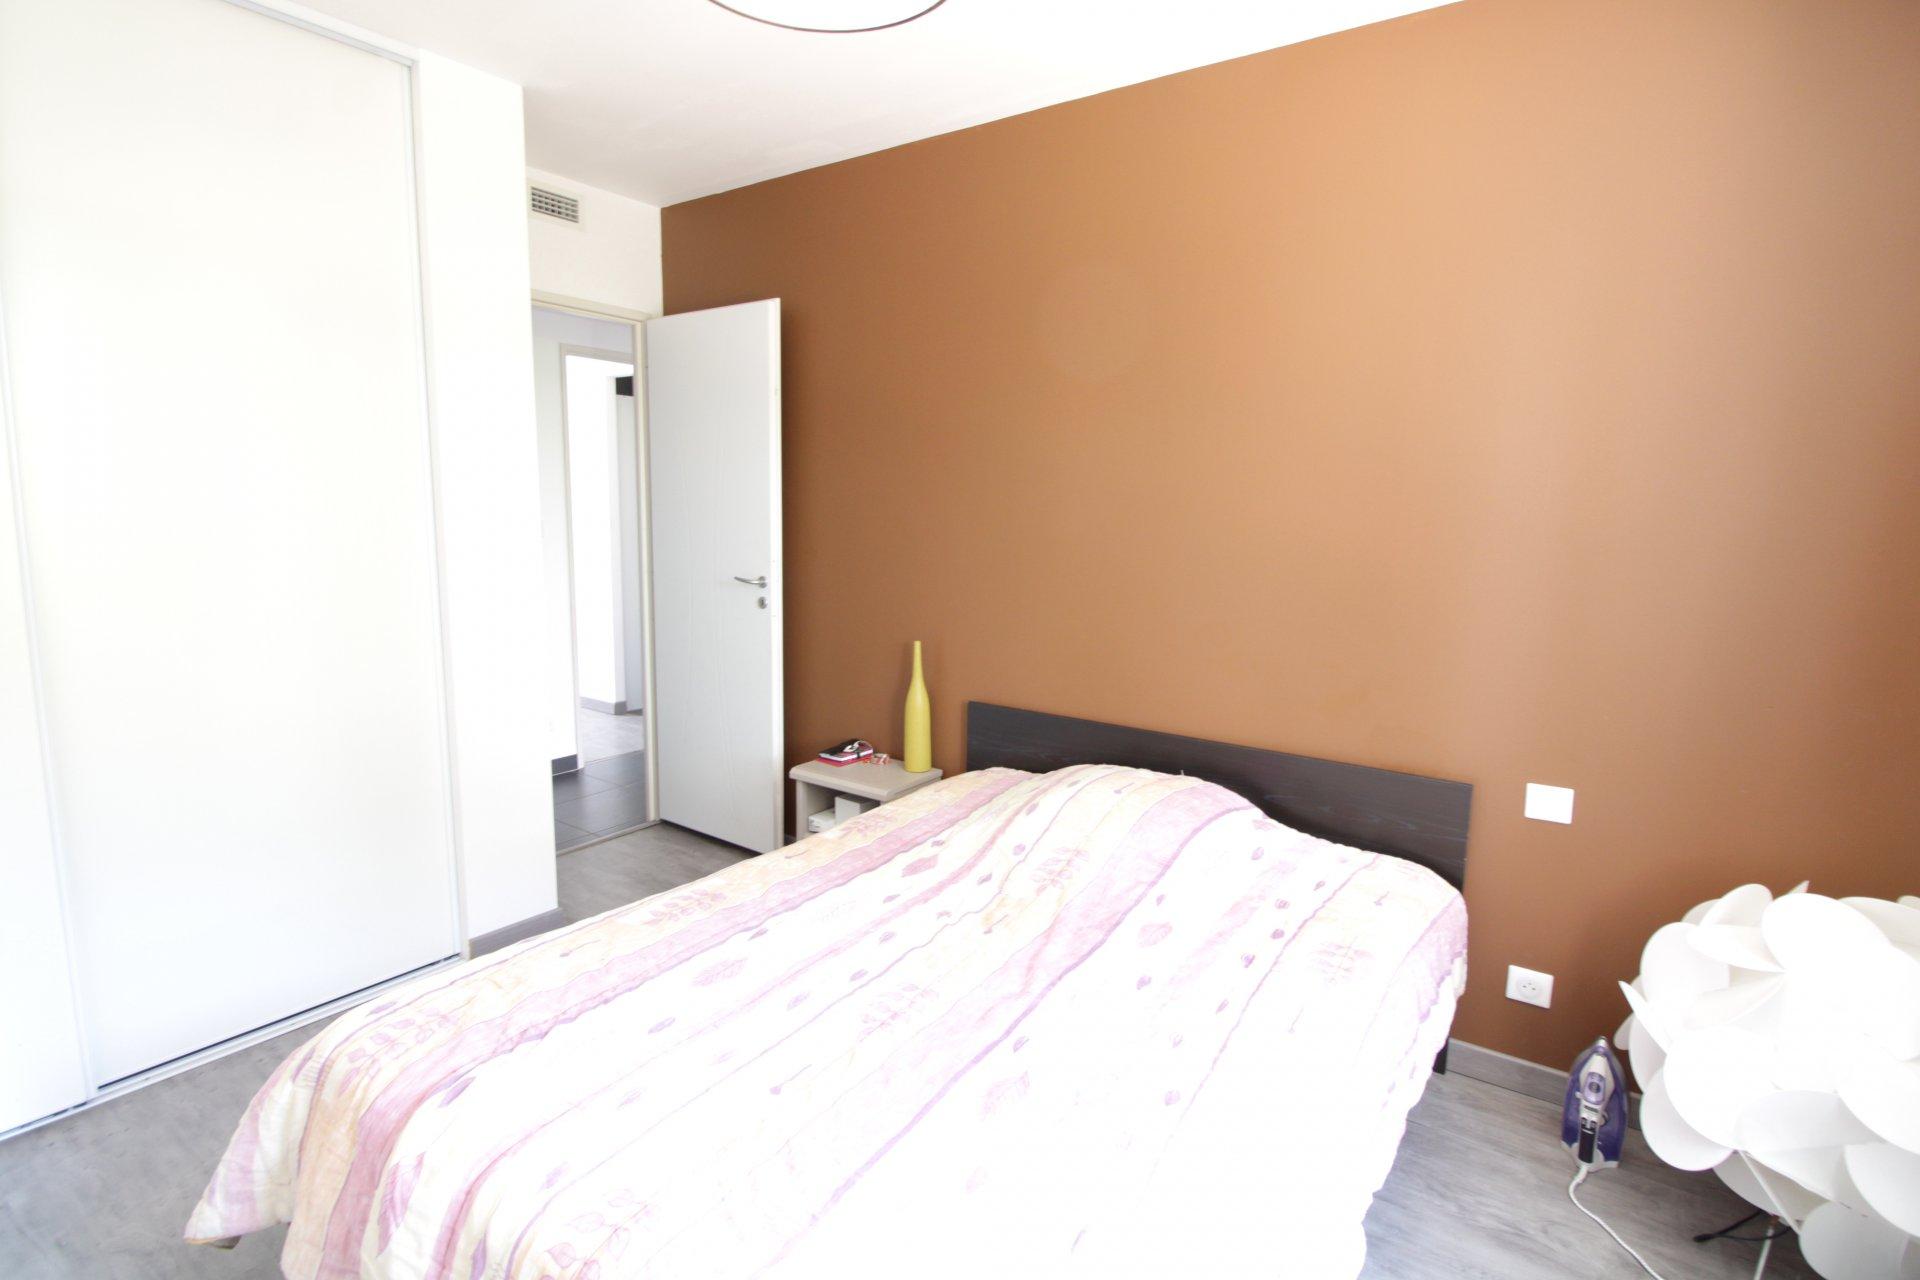 Gaillac - maison moderne T4  RT2012 à 35 mn du péage Toulouse-l'Union et 25 mn d'Albi.